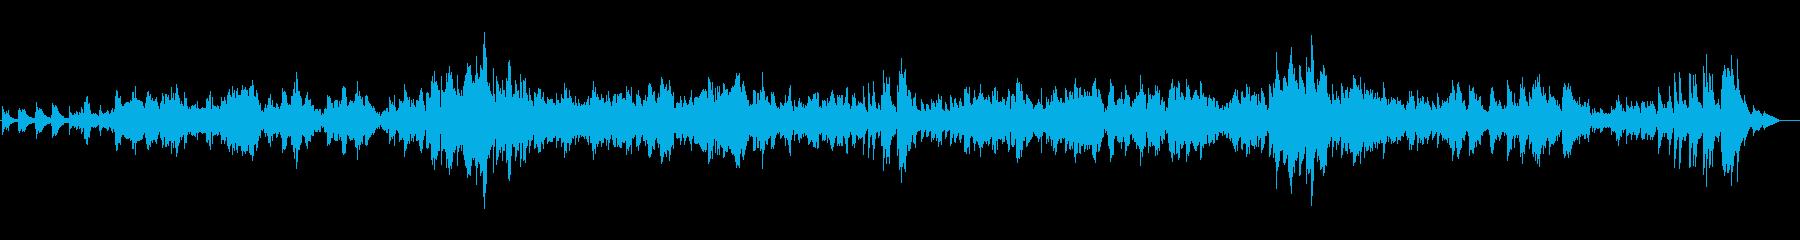 【生演奏】カッコいいバイオリンソナタ1章の再生済みの波形